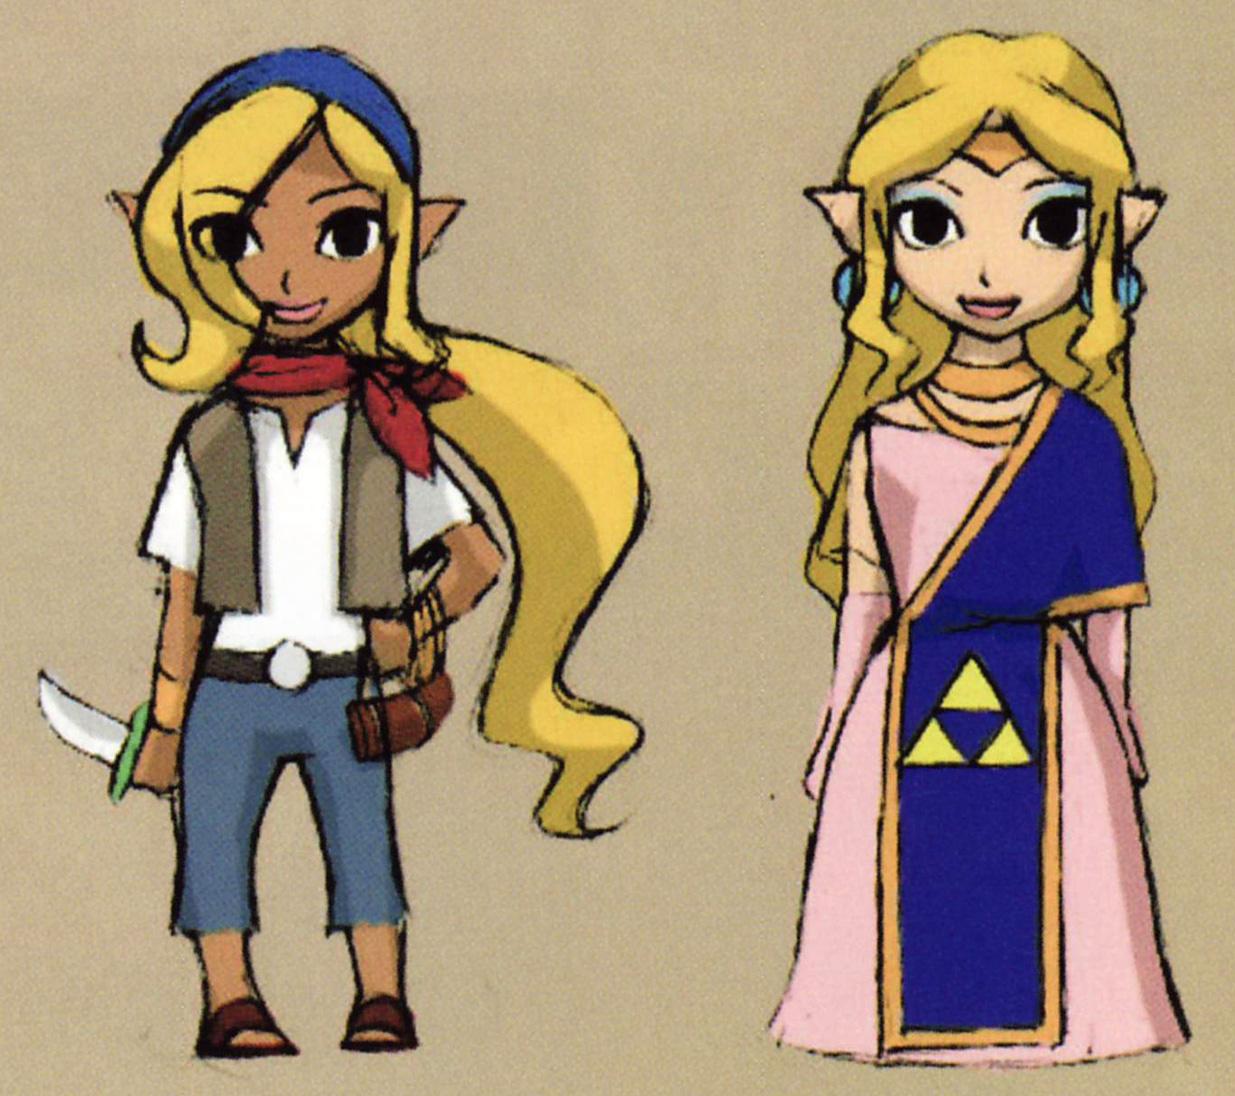 WW Zelda/Tetra